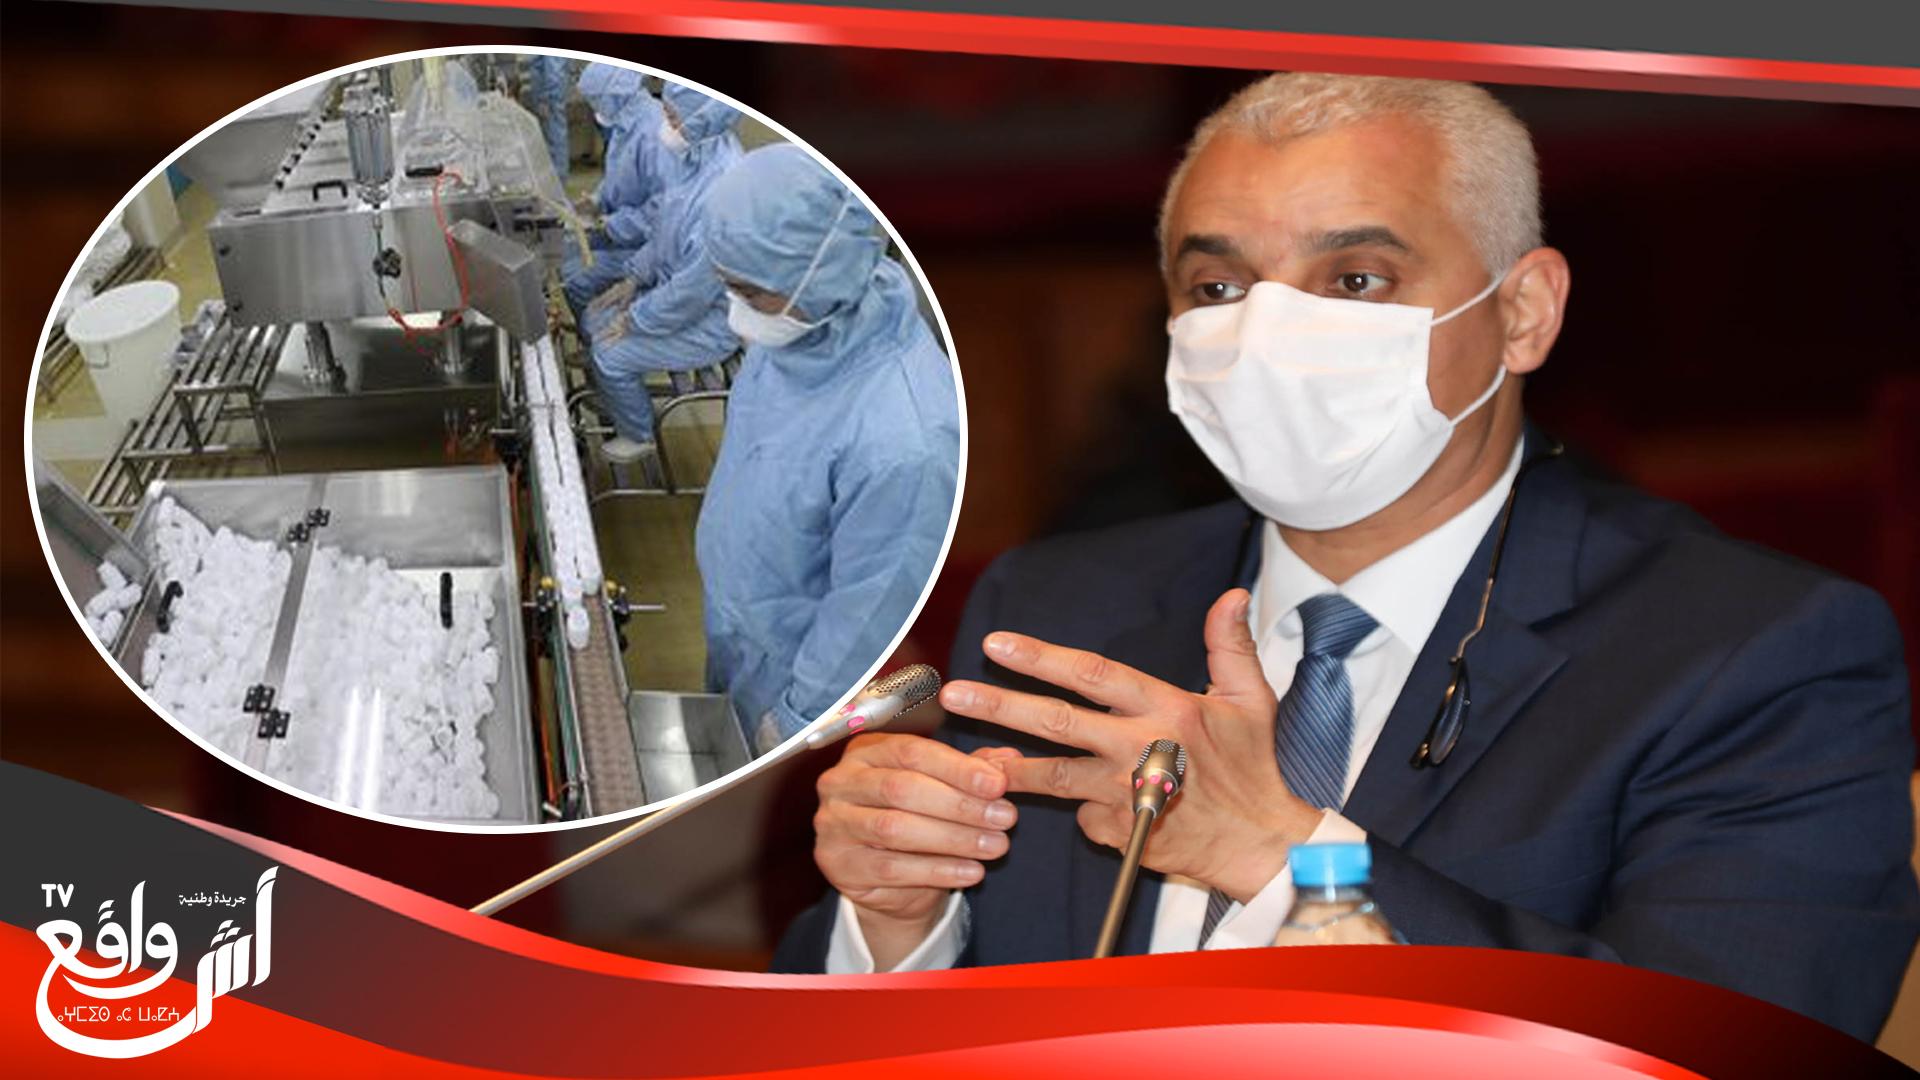 """وزير الصحة: المغرب """"كان محقا"""" في تمسكه بالكلوروكين كبروتوكول علاجي"""